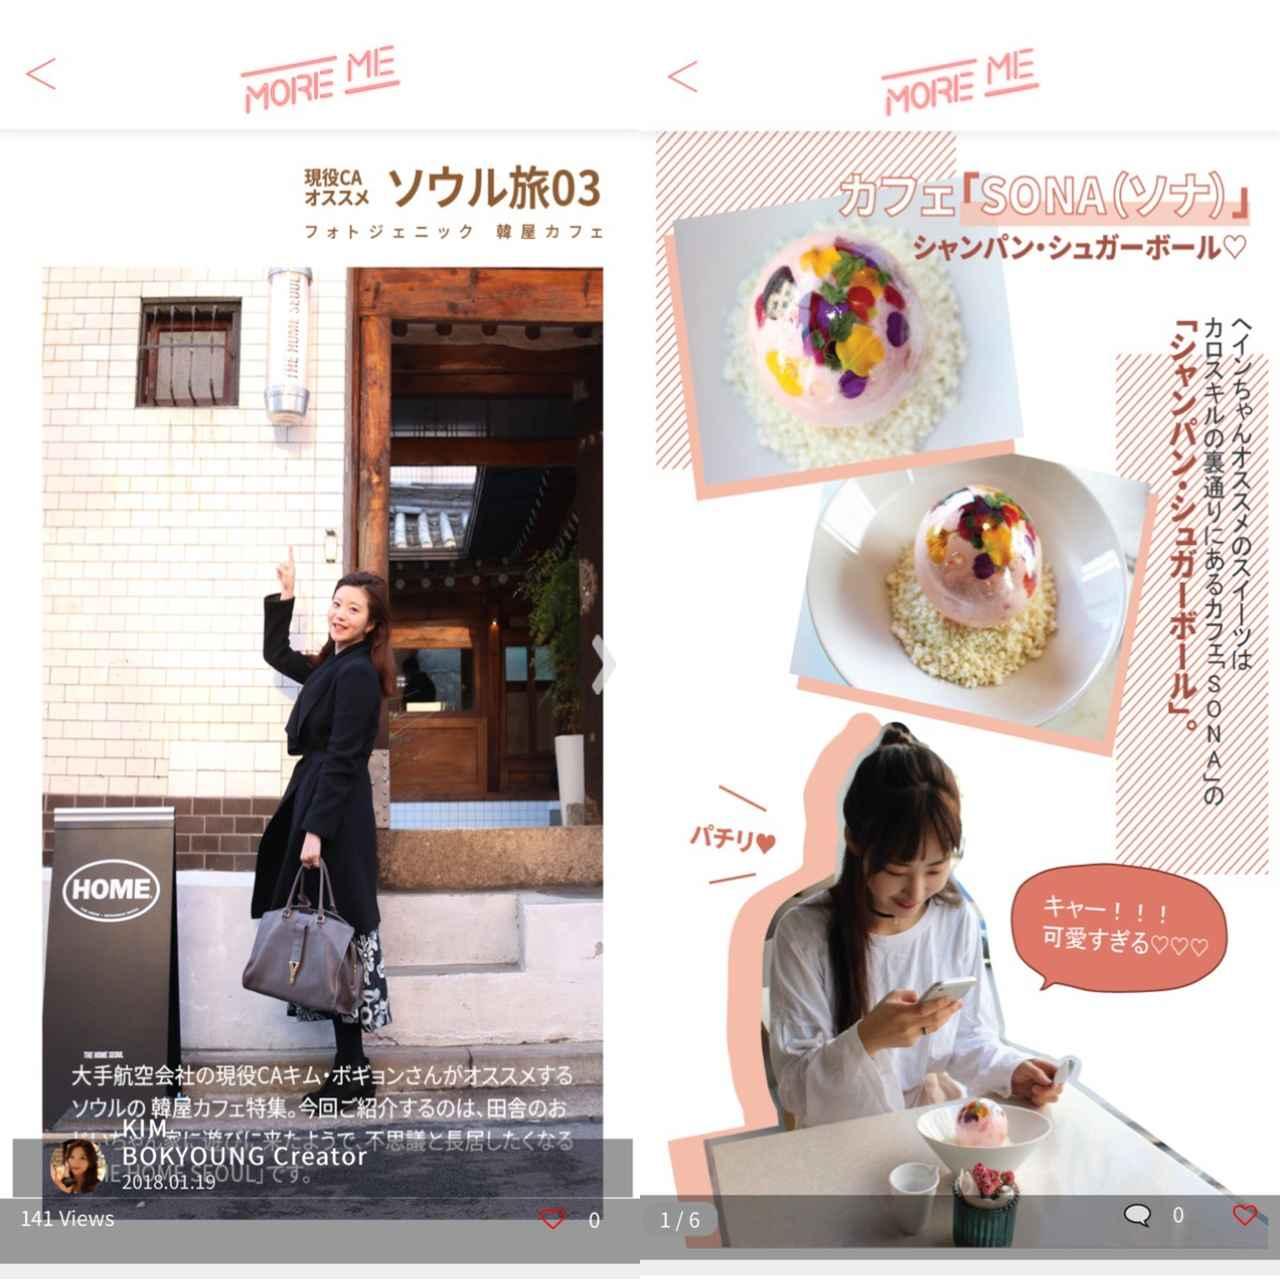 画像2: 旅行前に押さえたい!スイーツやカフェも可愛いのが韓国!